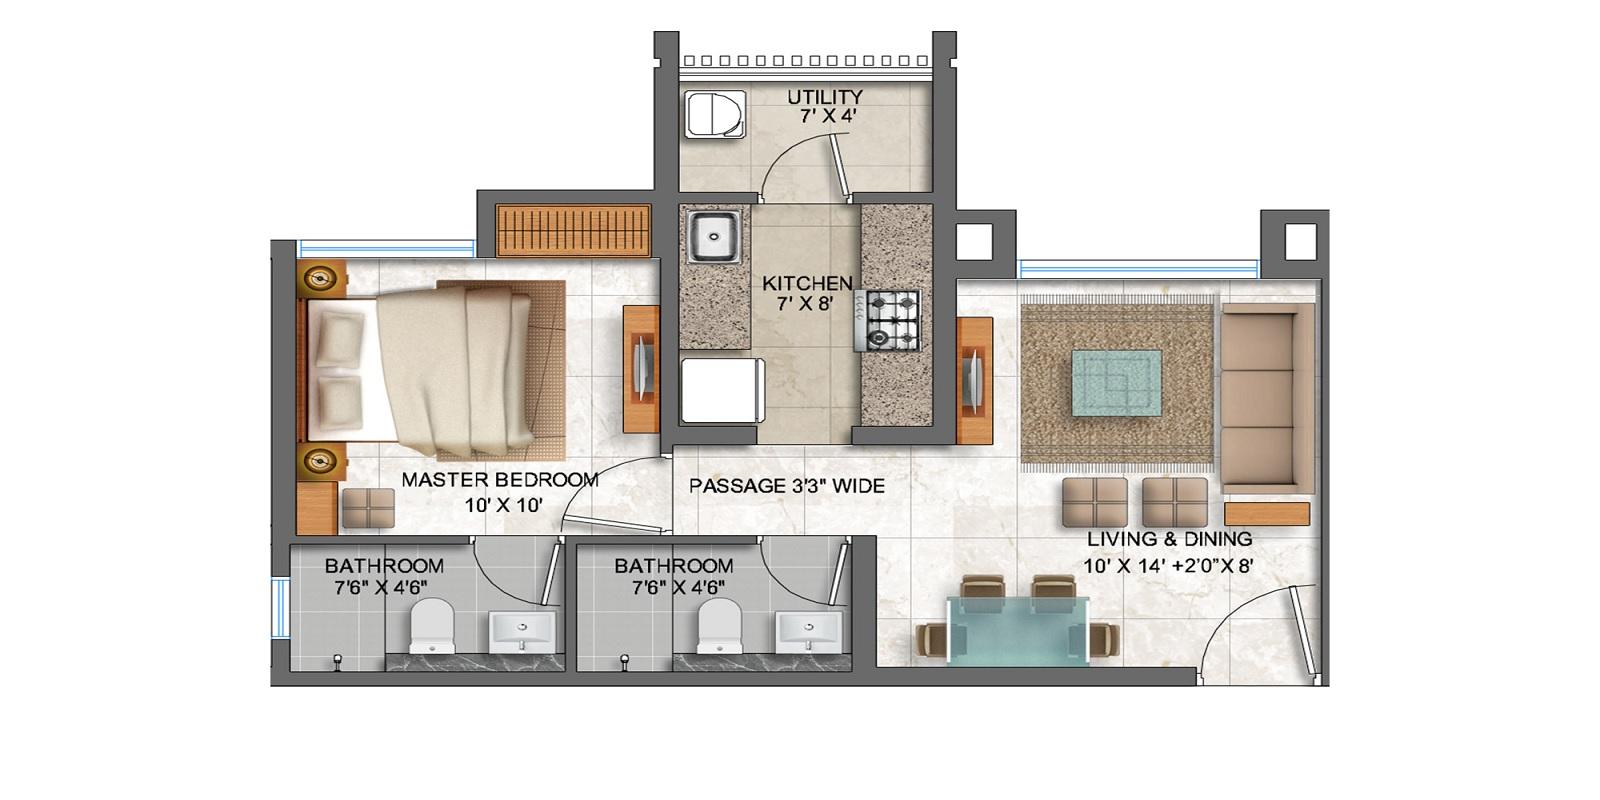 lodha prime square apartment 1bhk 467sqft01